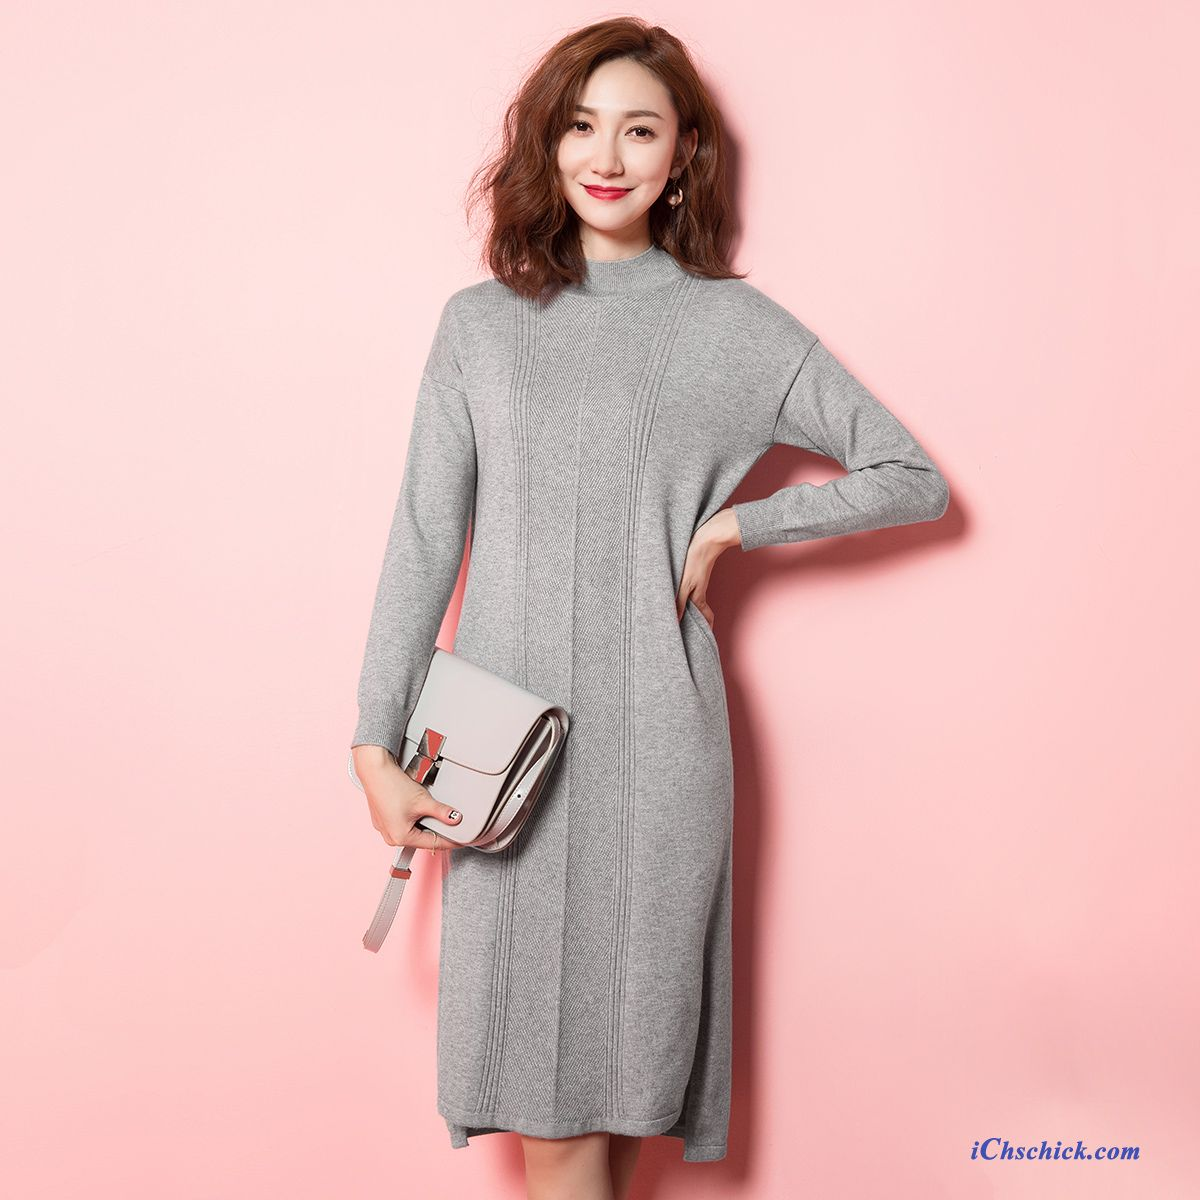 Kaufen Kleider Damen Günstig | iChschick.com - Seite 16